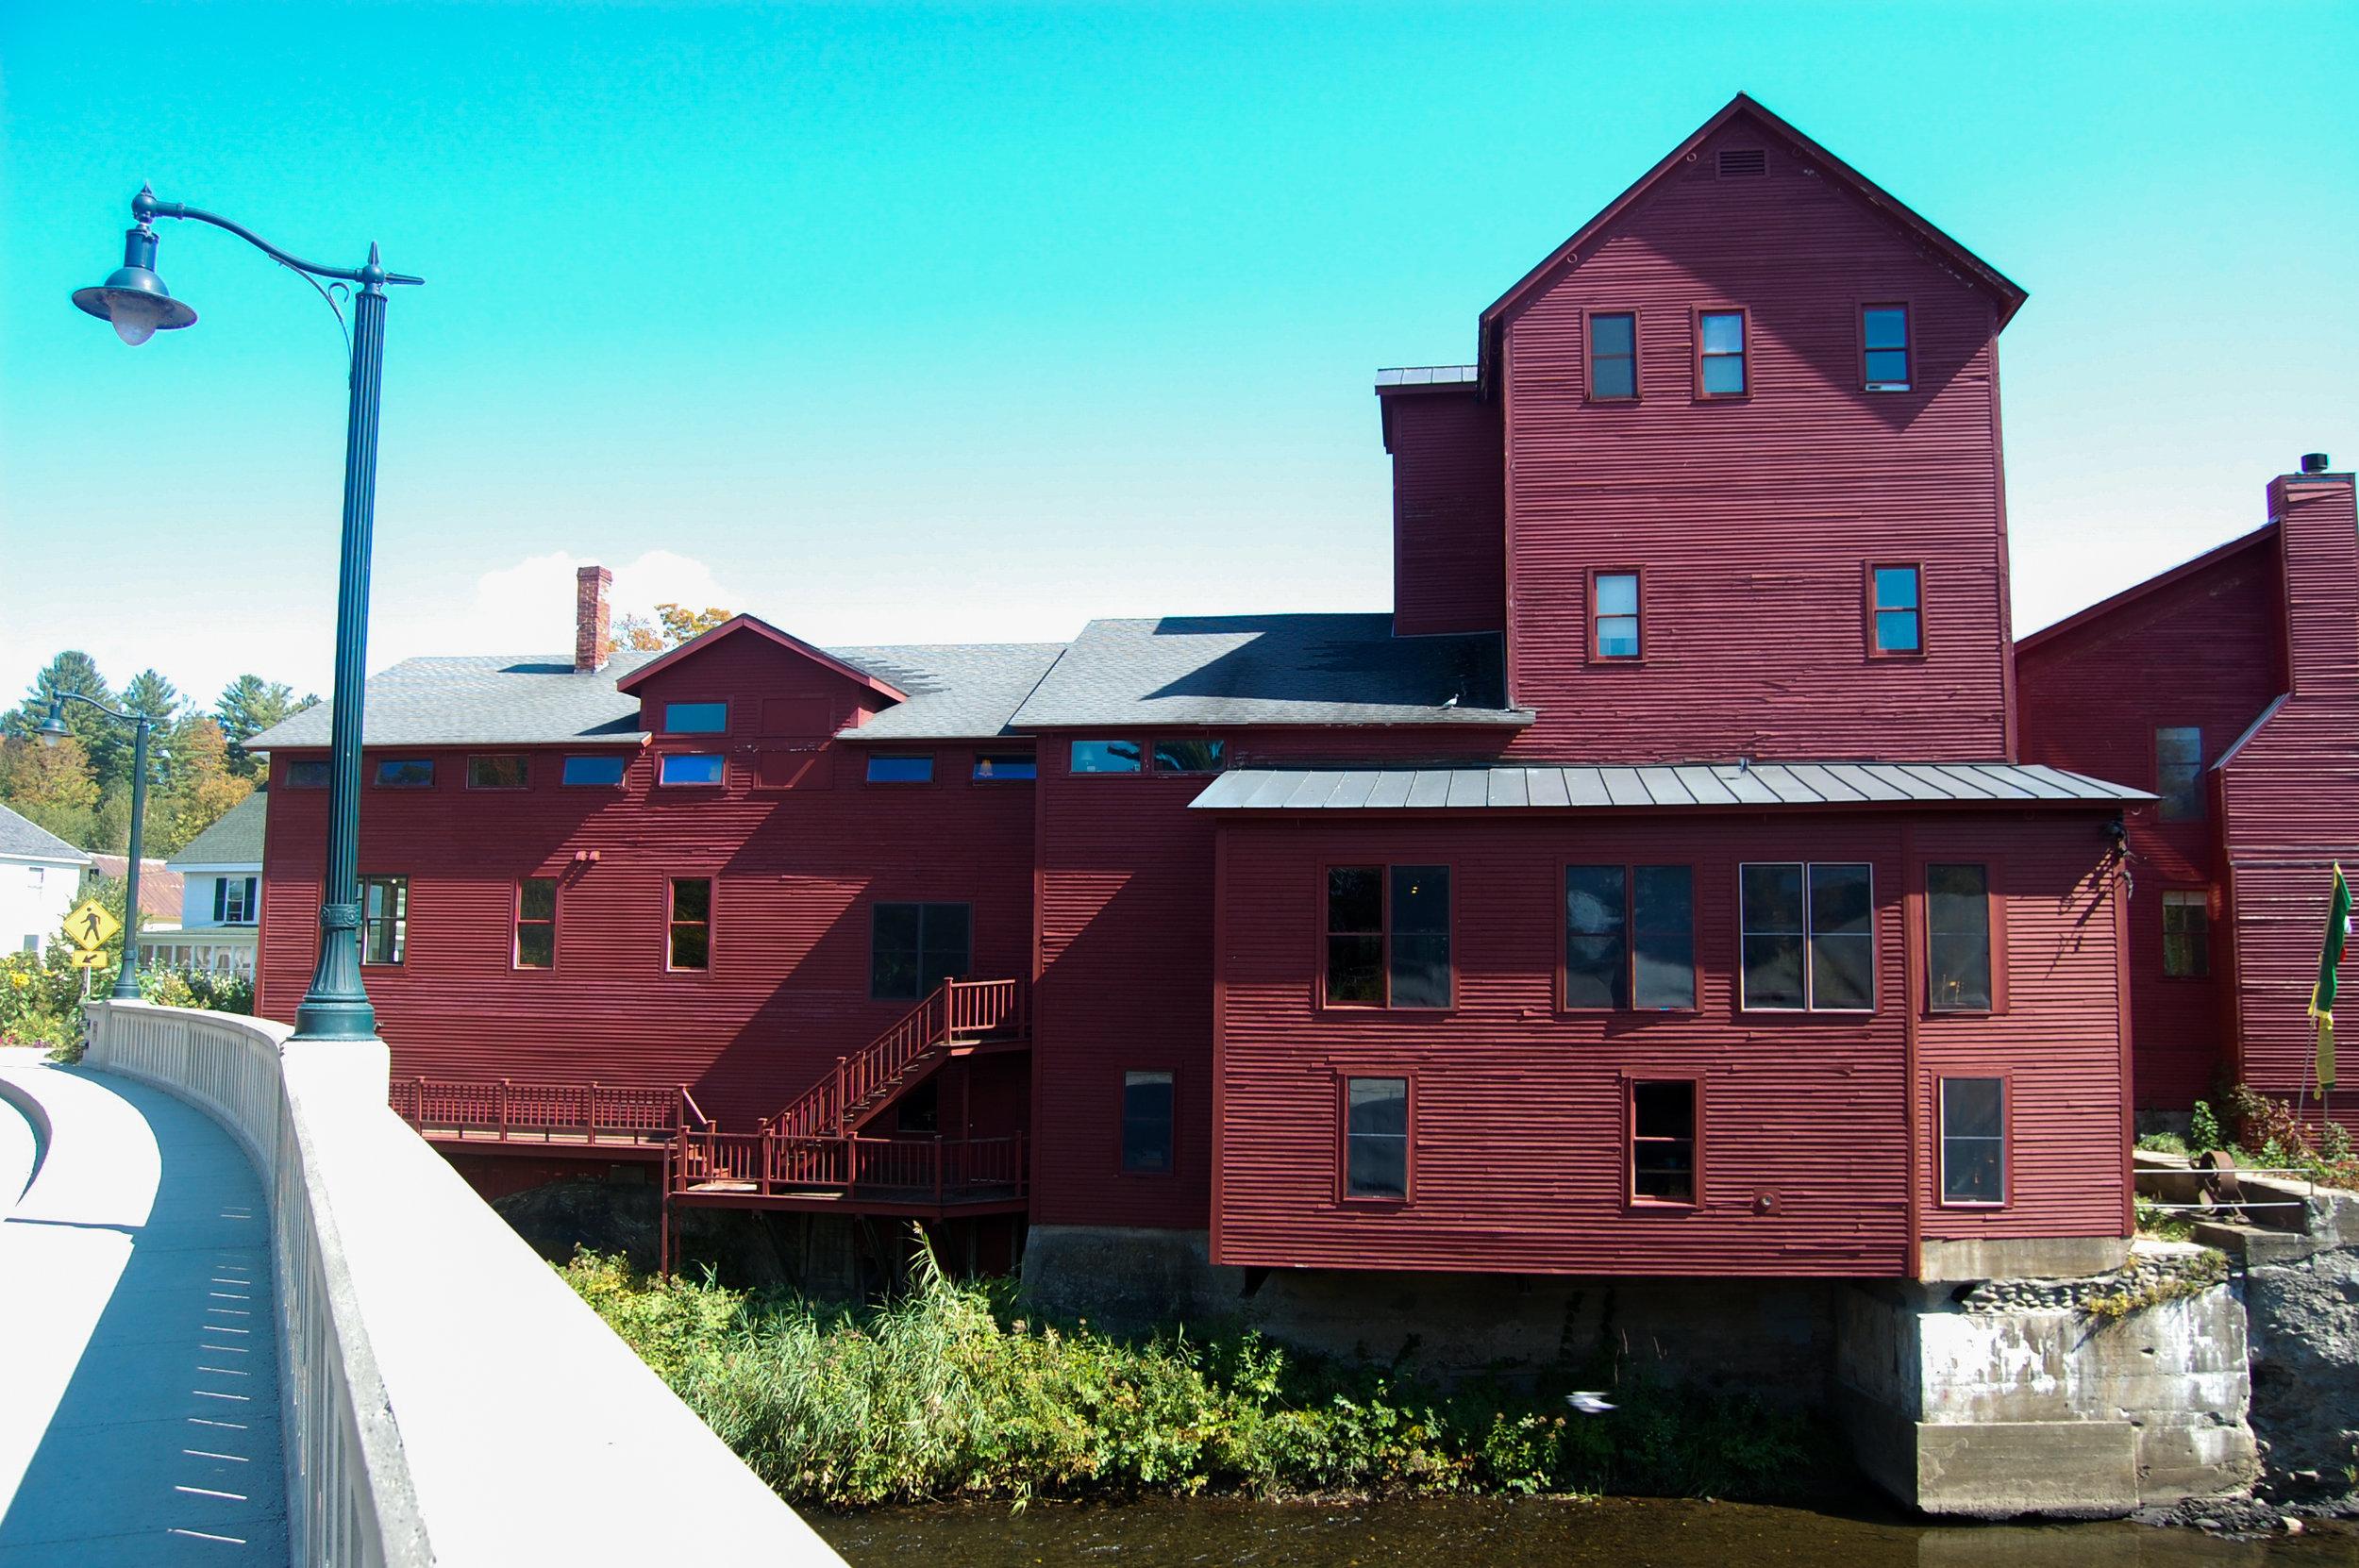 Vermont Studio Center , Johnson, VT, September 2019